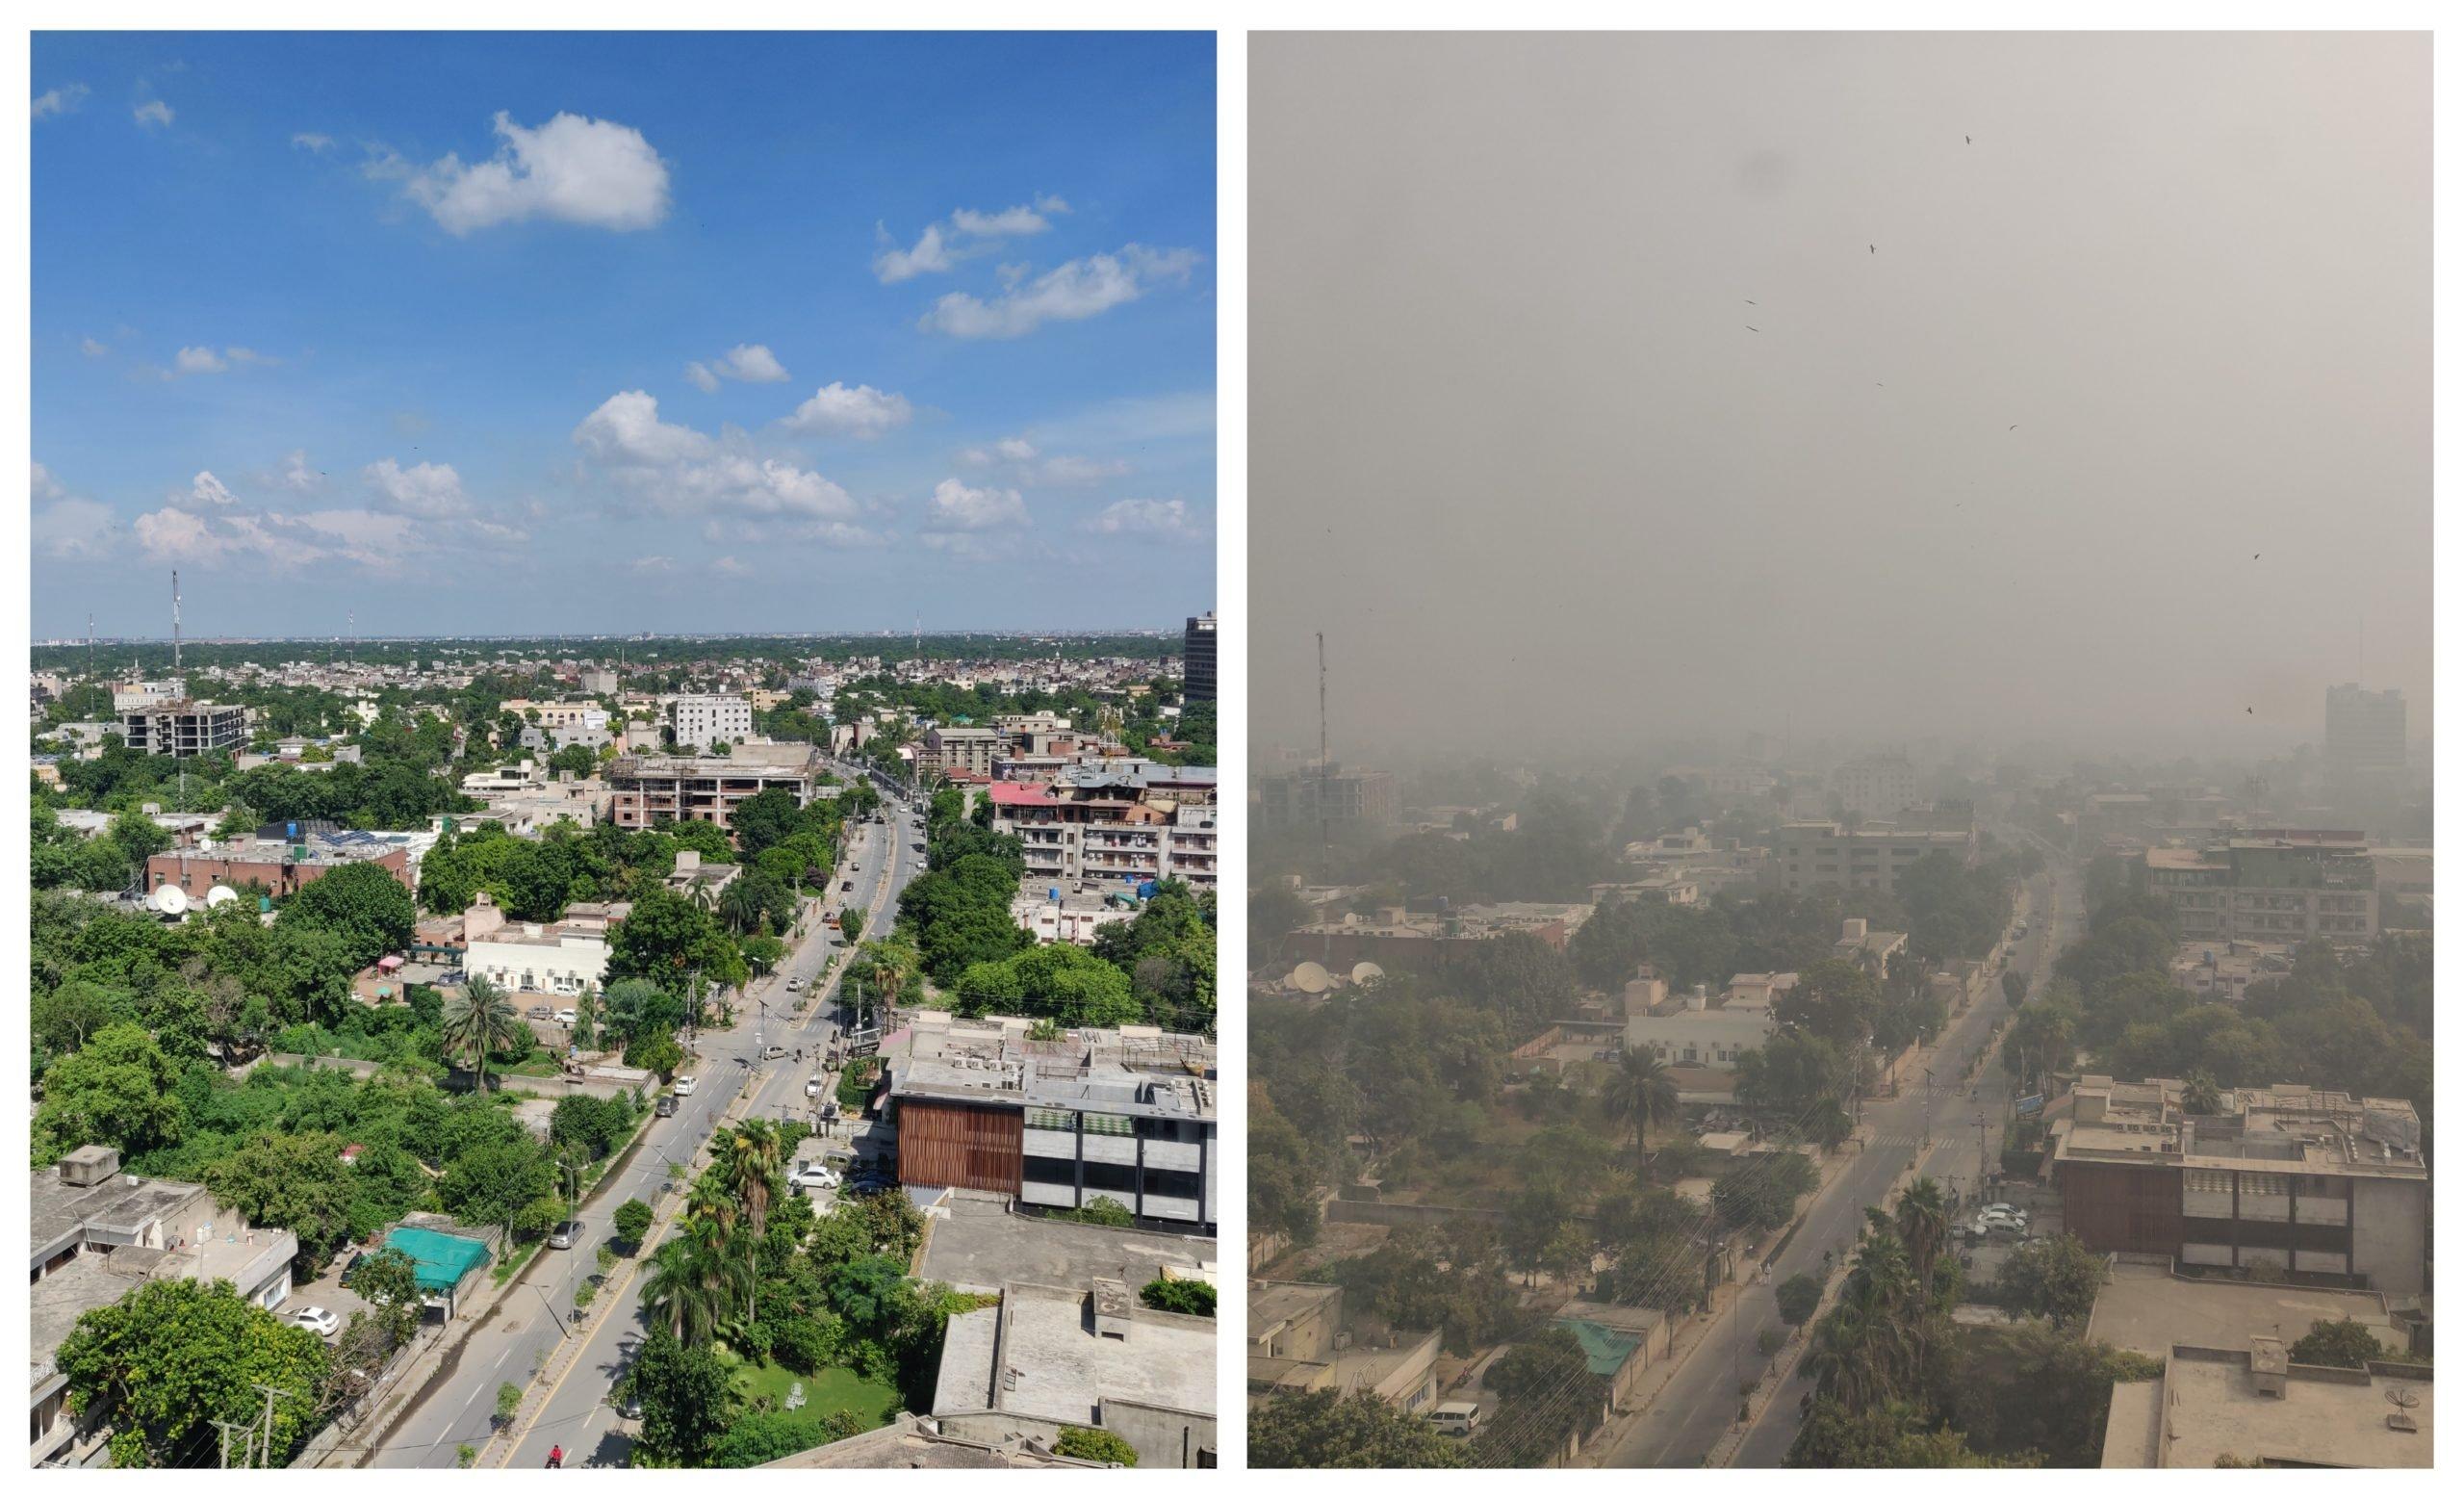 جولائی 2019 (بائیں) اور نومبر 2020 (دائیں) کو مین بولیورڈ گلبرگ لاہور کے رہائشی نے ایک آفس سے علاقے کی تصویر لی ہے جو یہ منظر پیش کررہی ہے۔ [تصویر بشکریہ احمد مزمل]